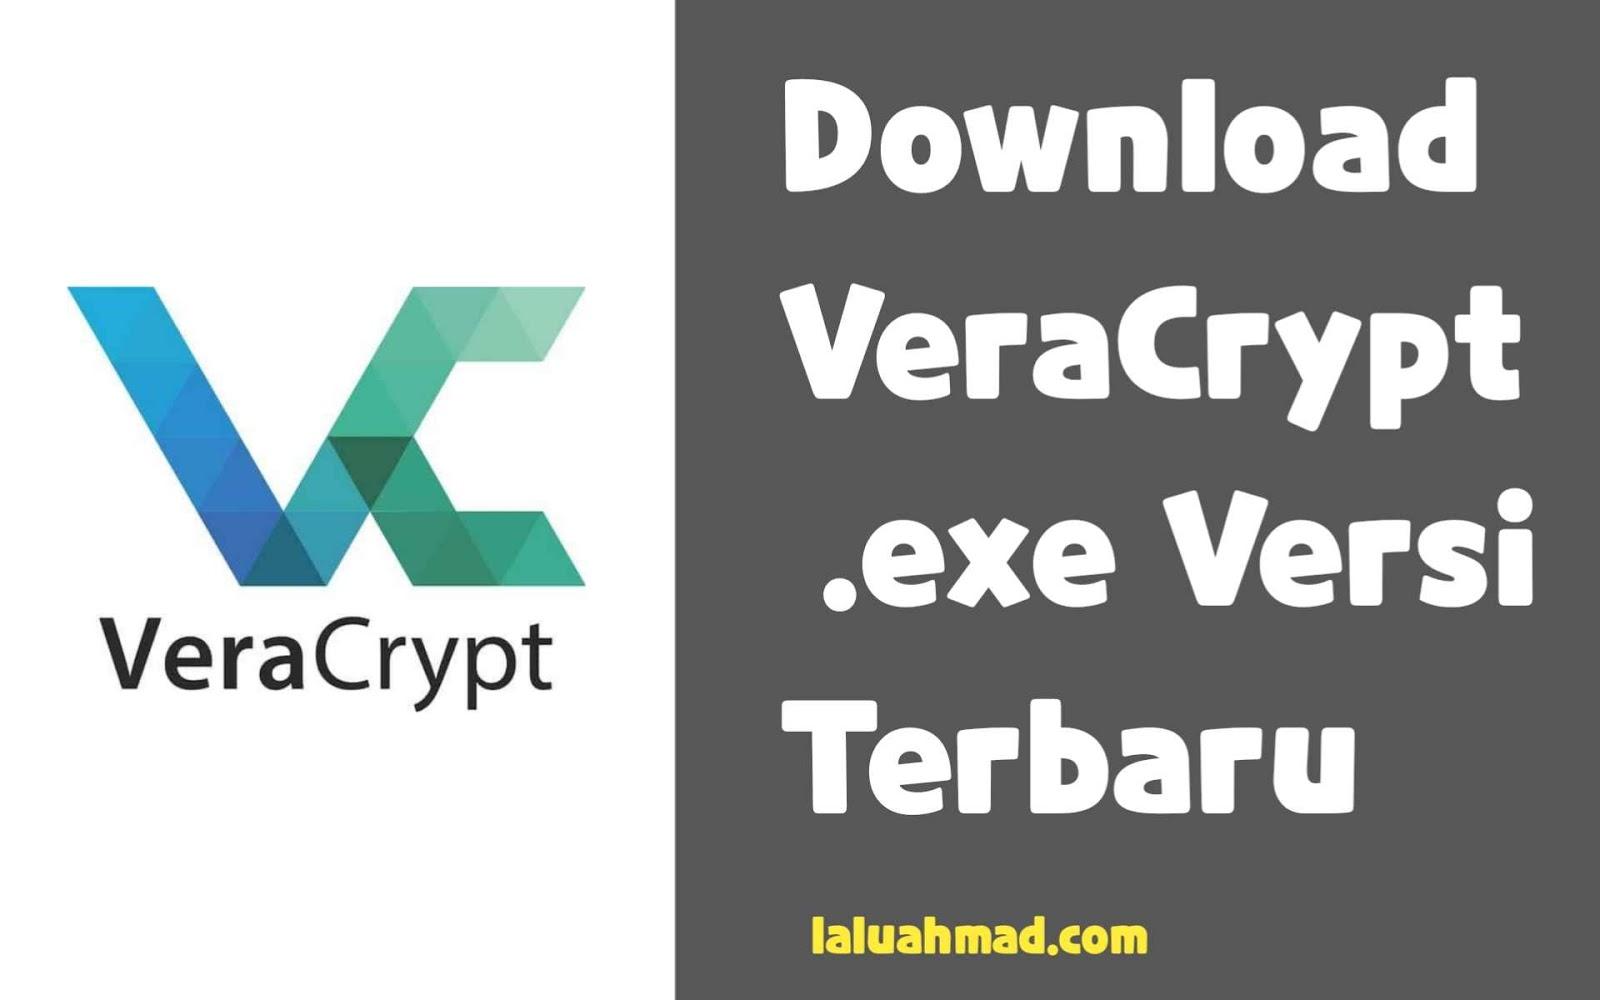 Download VeraCrypt exe Versi Terbaru